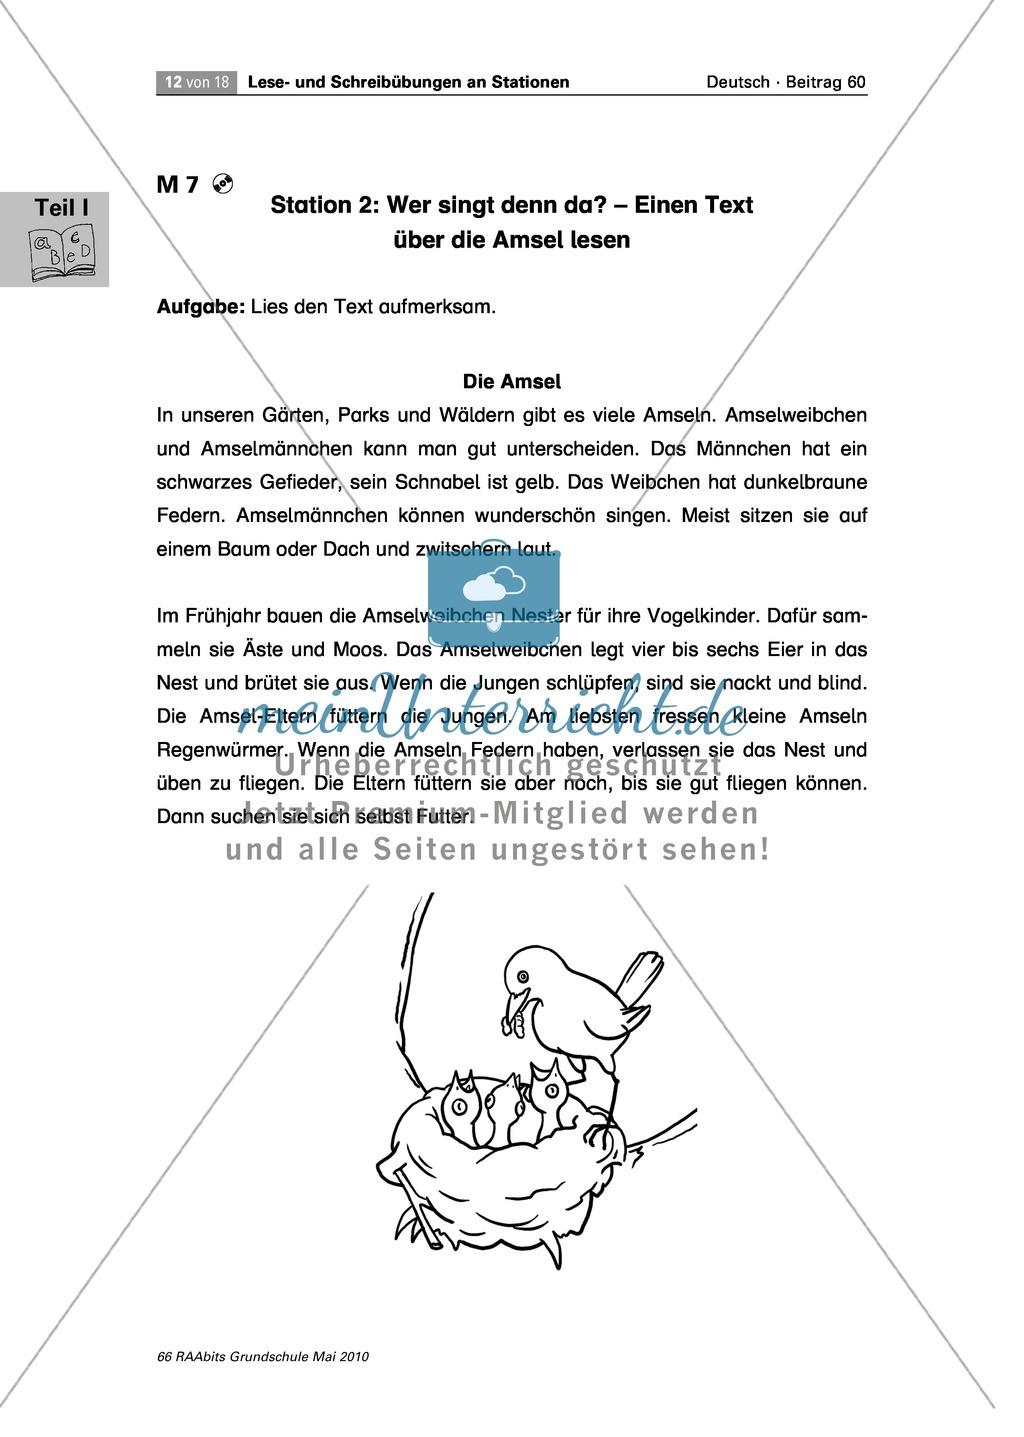 Stationenarbeit an einem Gedicht, einem Text und Bildern zum Thema u0026quot;Fru00fchlingu0026quot; - meinUnterricht.de